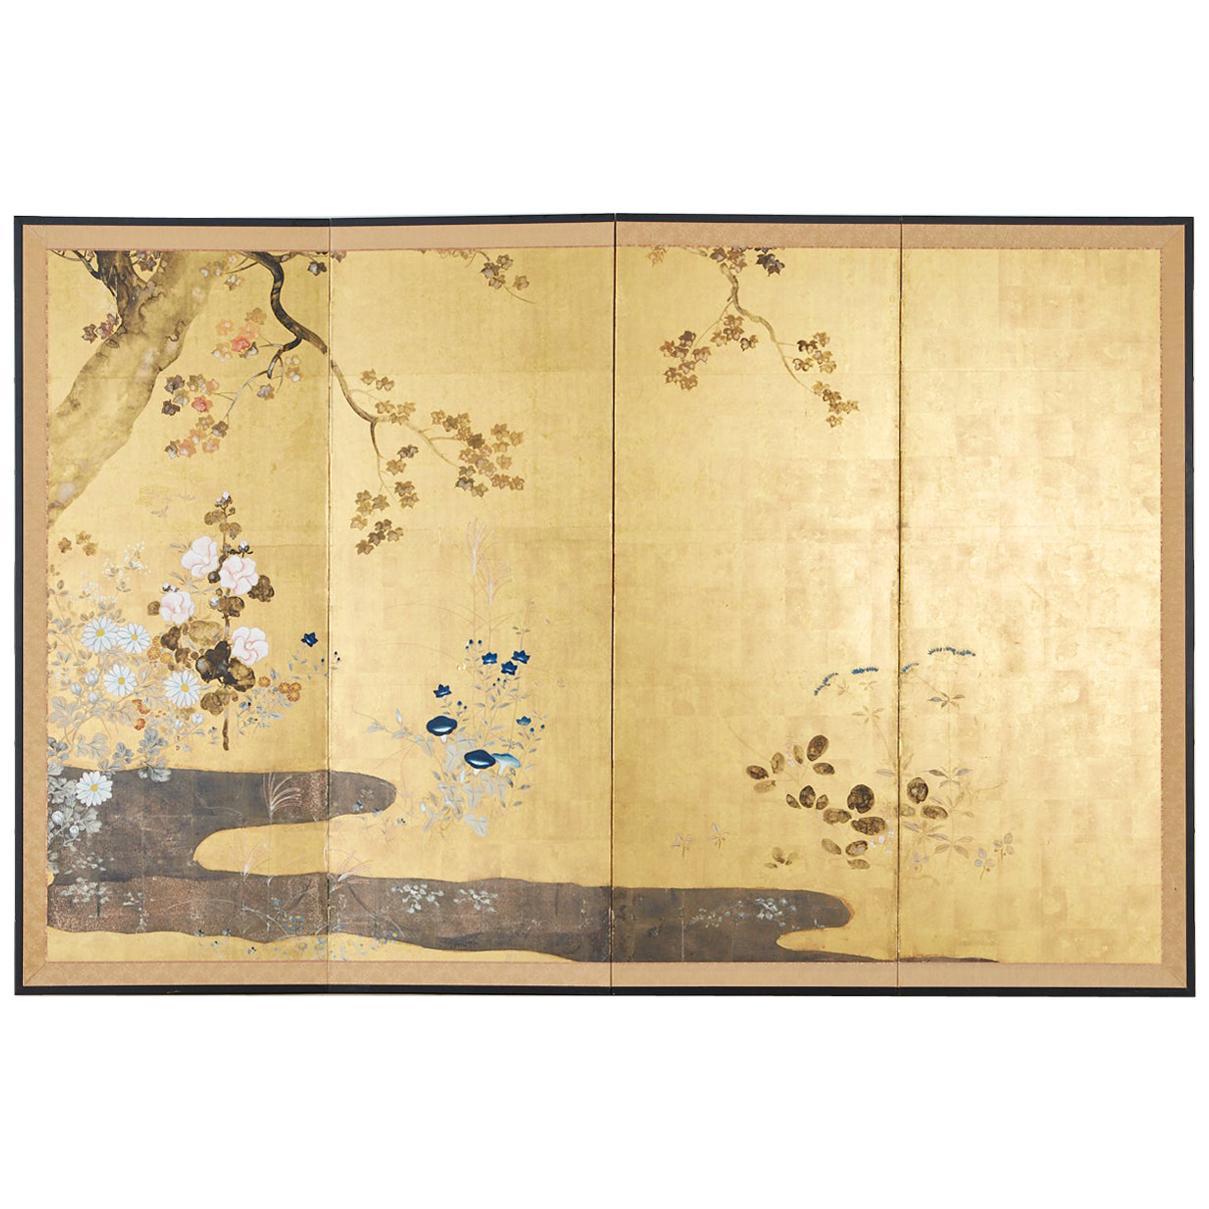 Japanese Four-Panel Rimpa Screen Floral Autumn Landscape